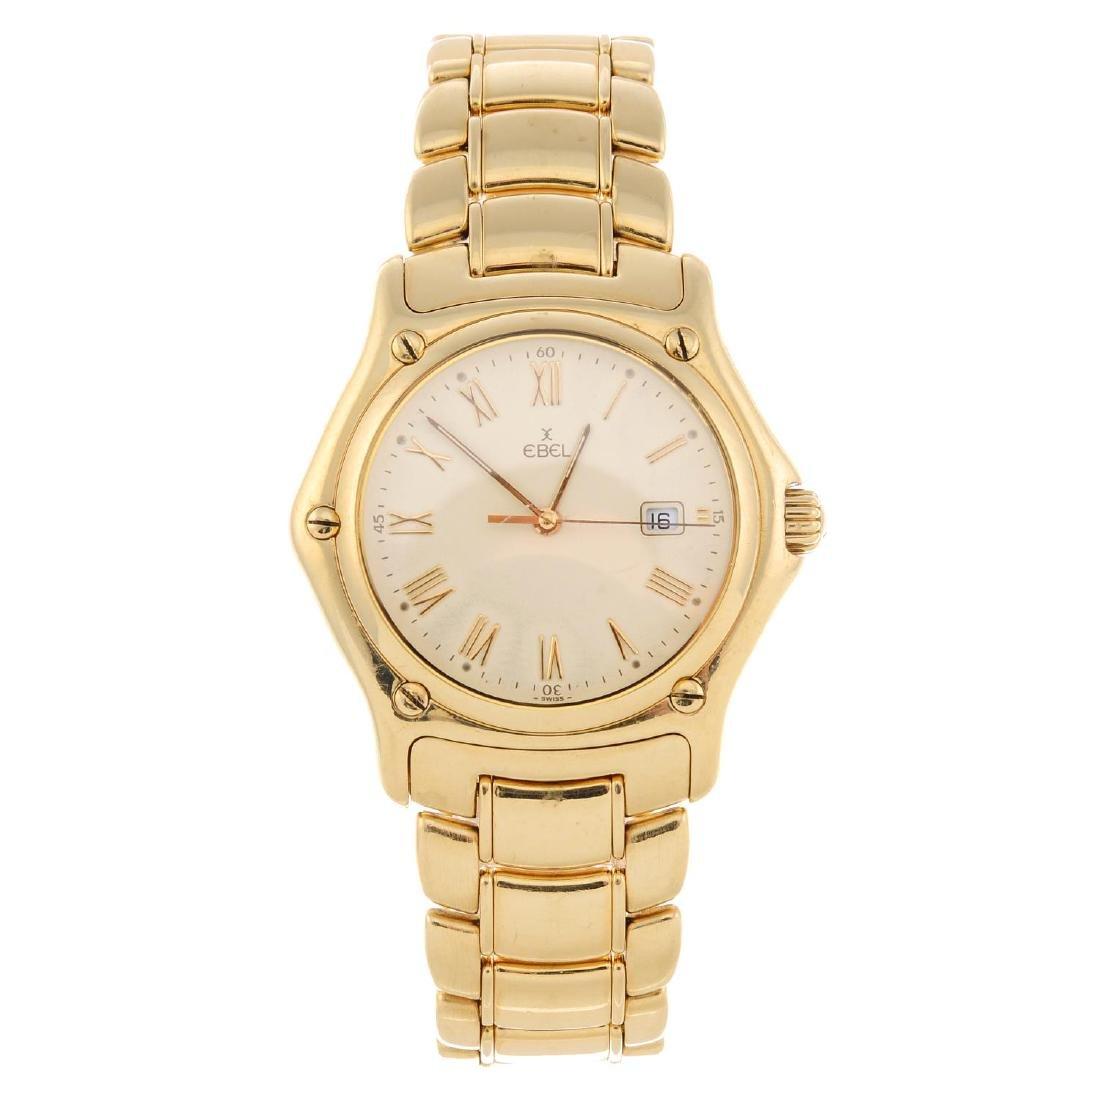 EBEL - a gentleman's Classic Sport bracelet watch. 18ct